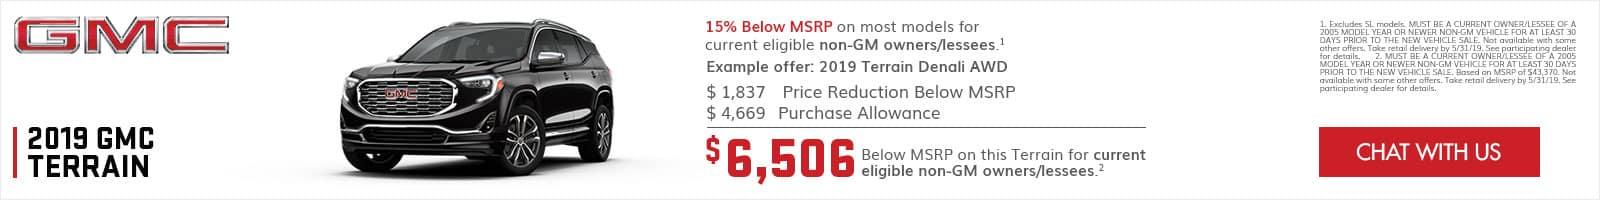 2019 GMC Terrain Specials